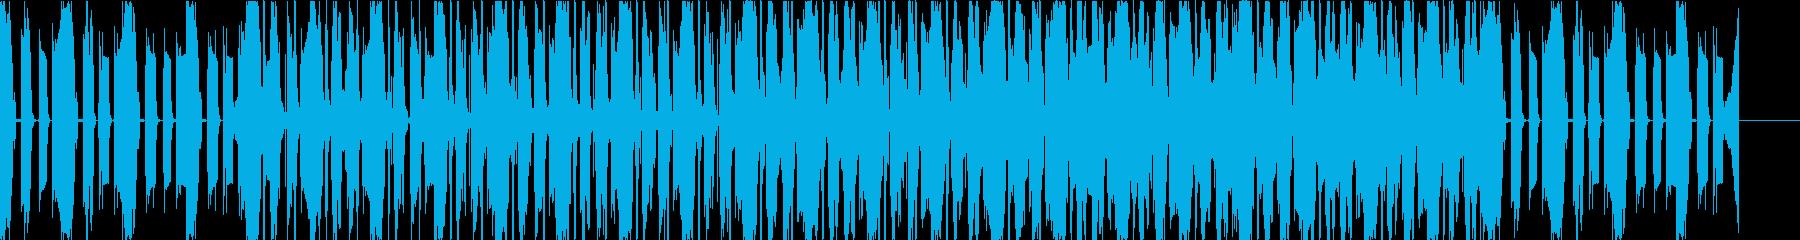 ファンキーグリッチのオーガニックトラップの再生済みの波形